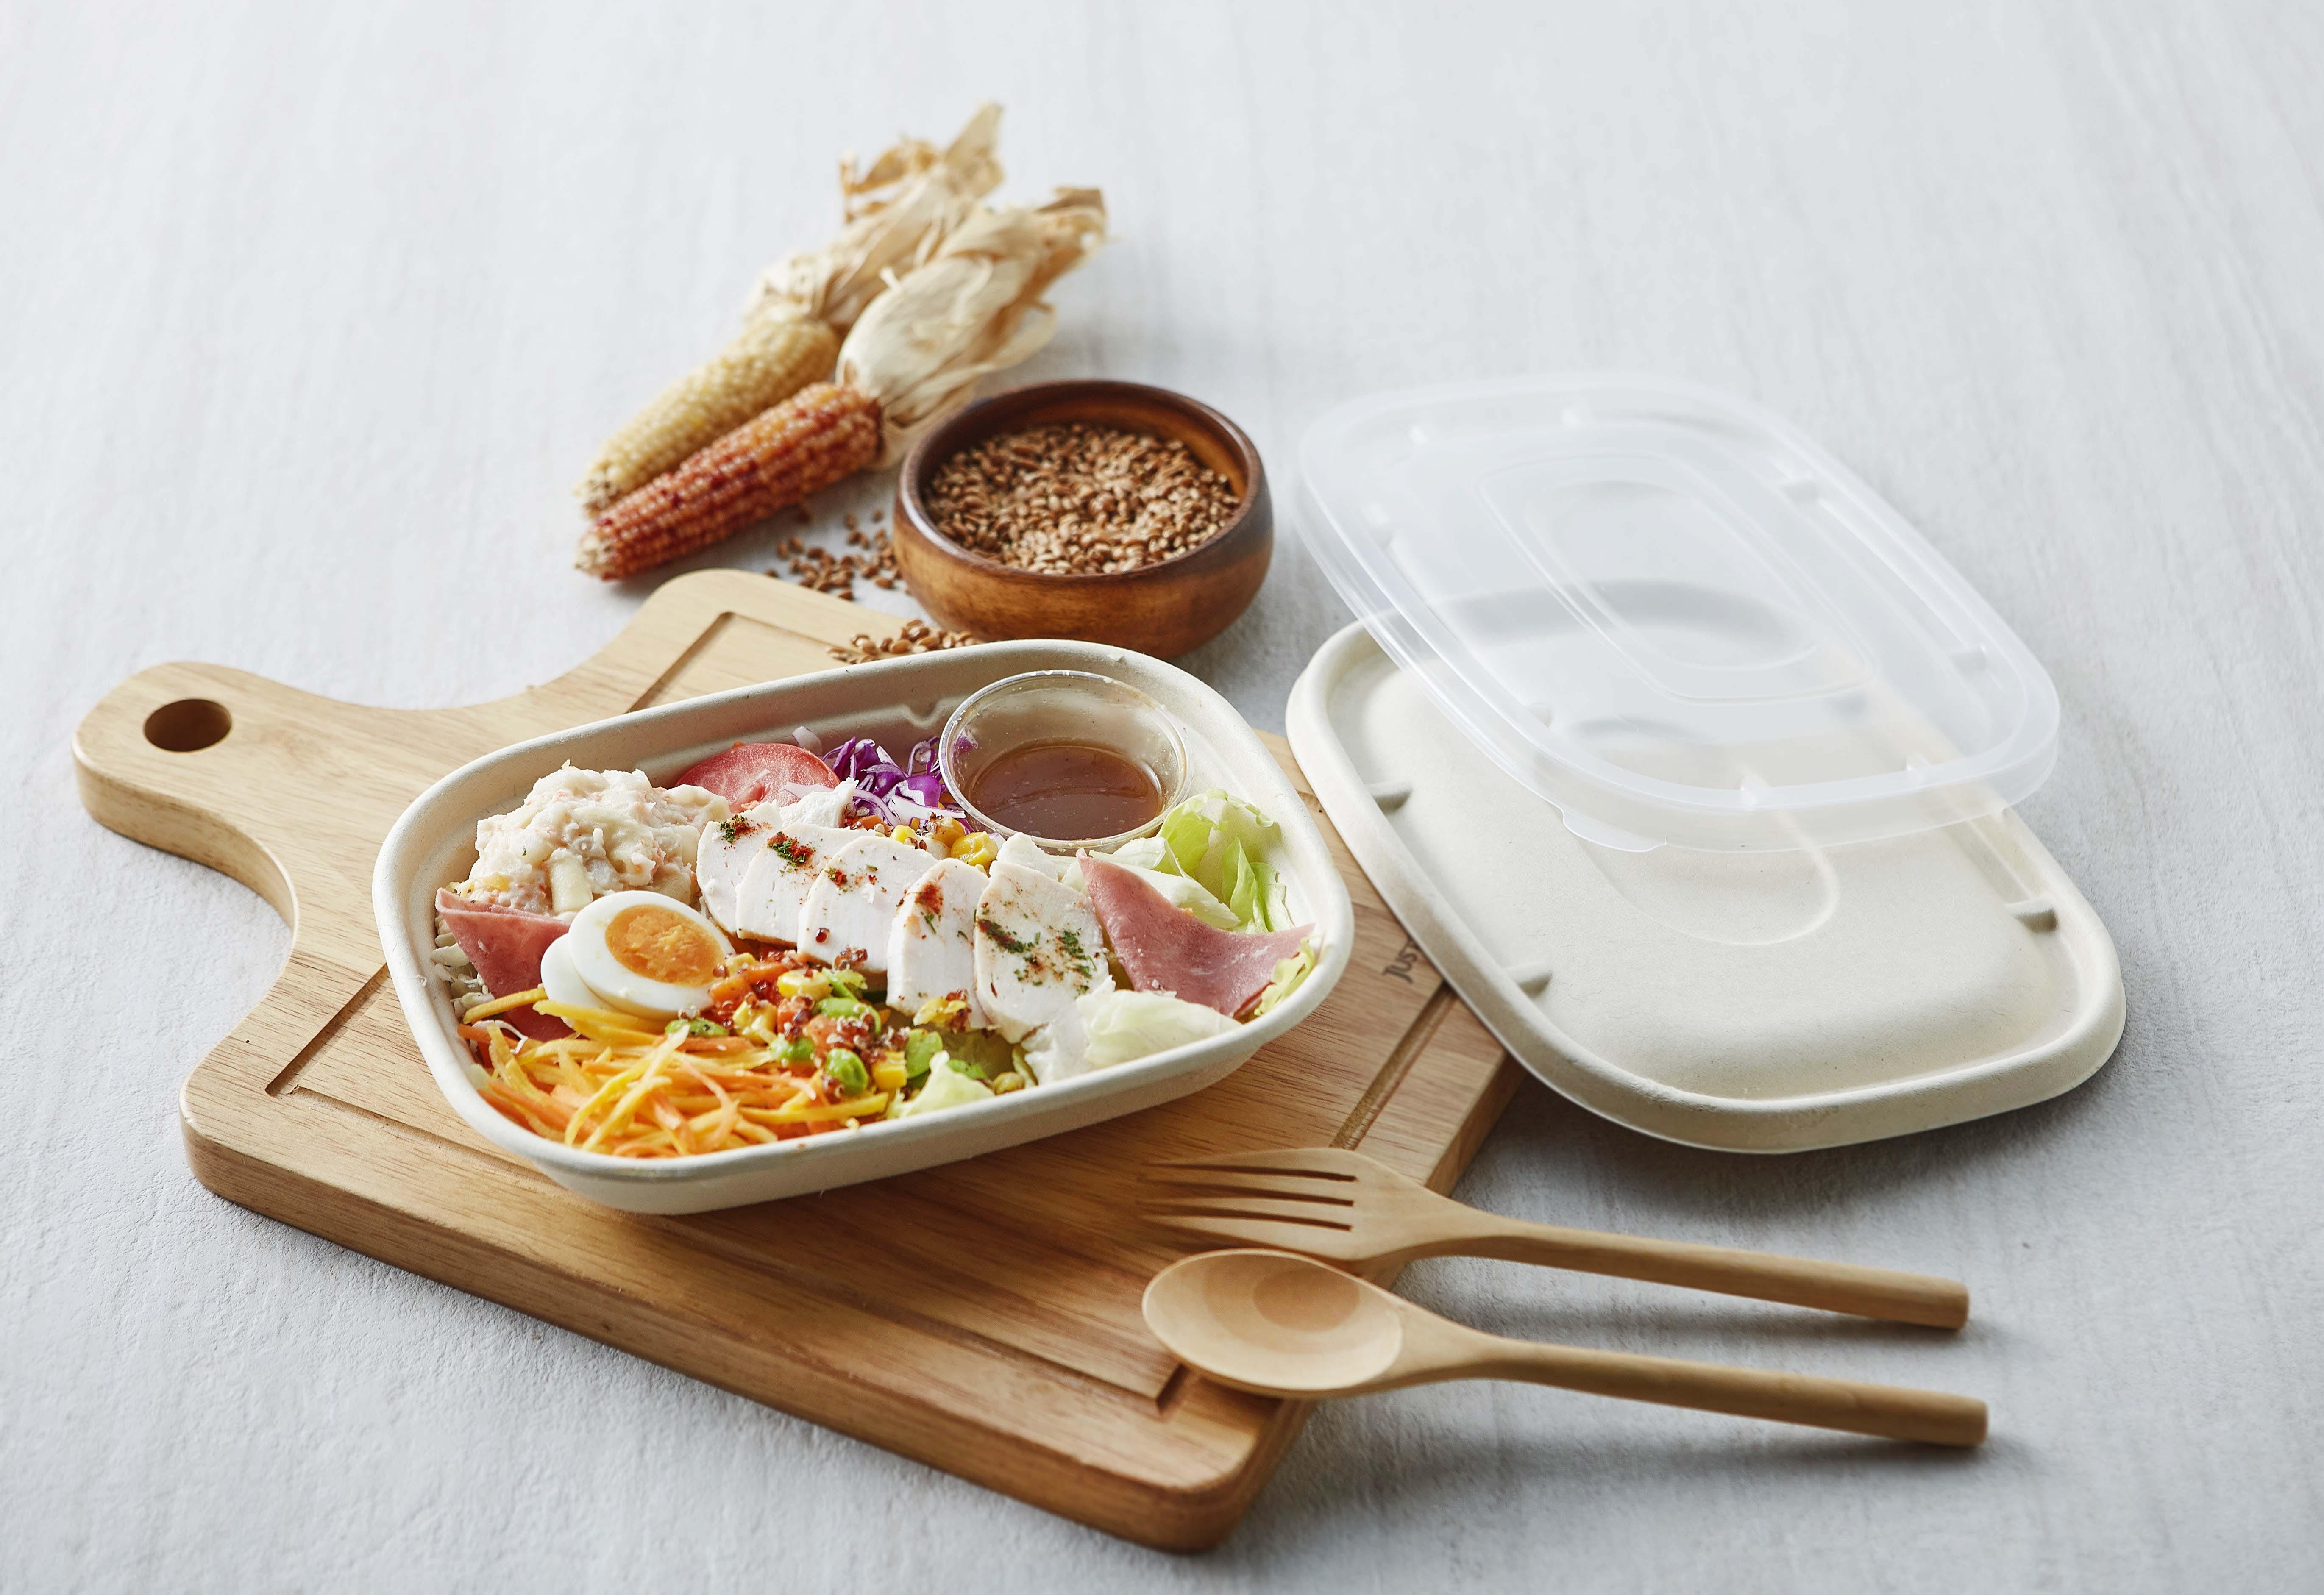 紙漿餐盒 環保餐盒 紙塑 沙拉盒 防疫 外帶 外送 打包盒 便當盒 一次性 植纖 可分解 可降解